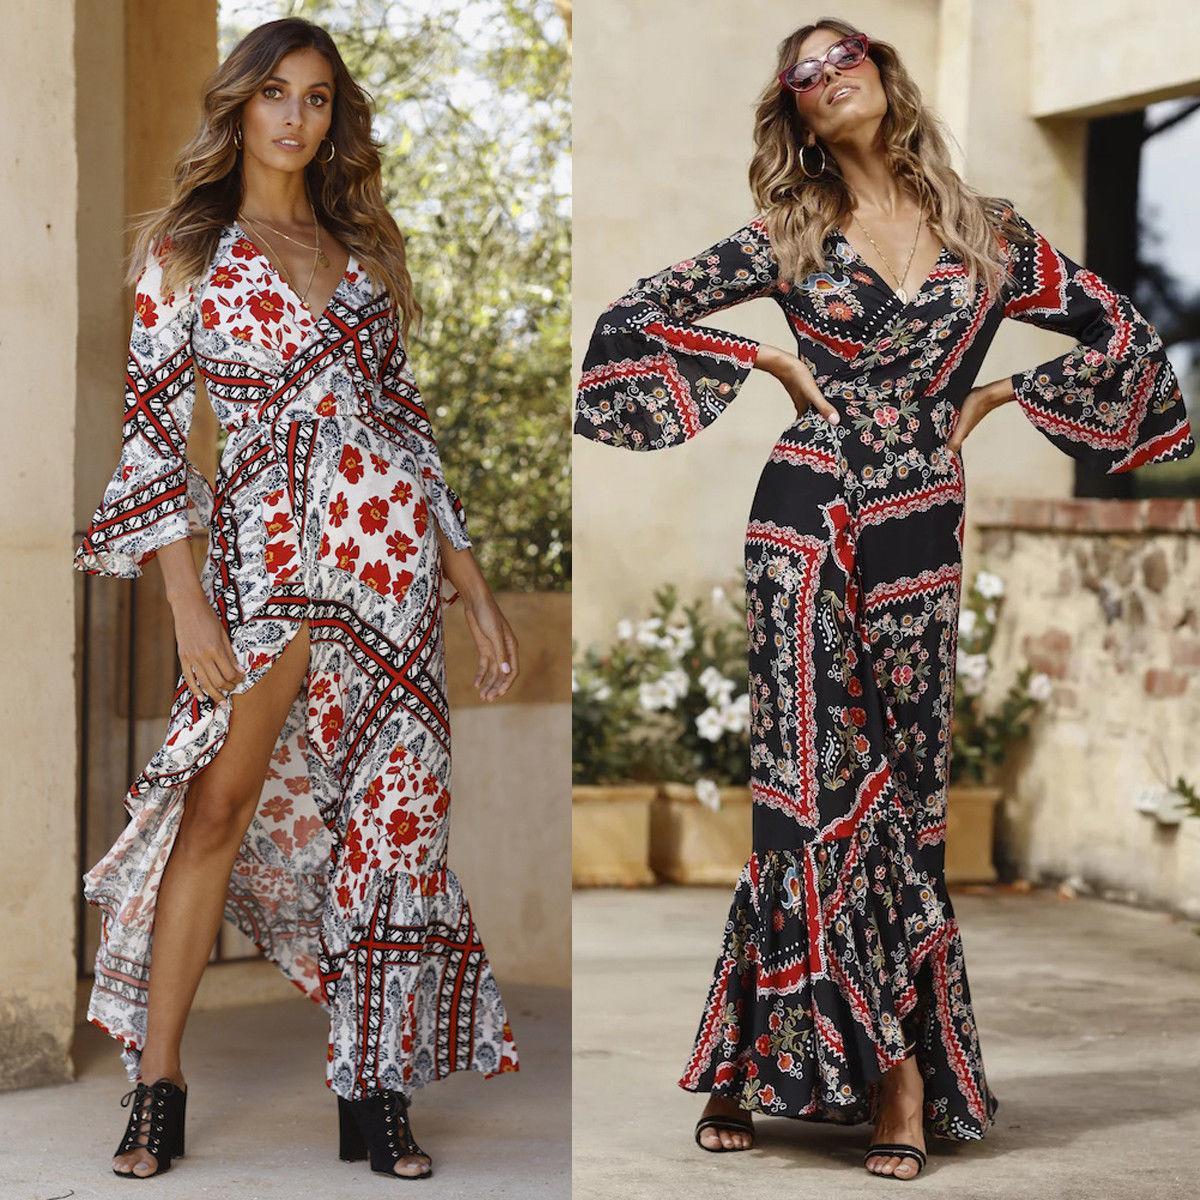 dea2f68d0d Women Summer Boho Chiffon Dress Party Evening Beach Dresses Long Maxi Dress  Print Sundress V Neck 2018 Celebrity Dresses Spring Dresses From Qinfeng06,  ...